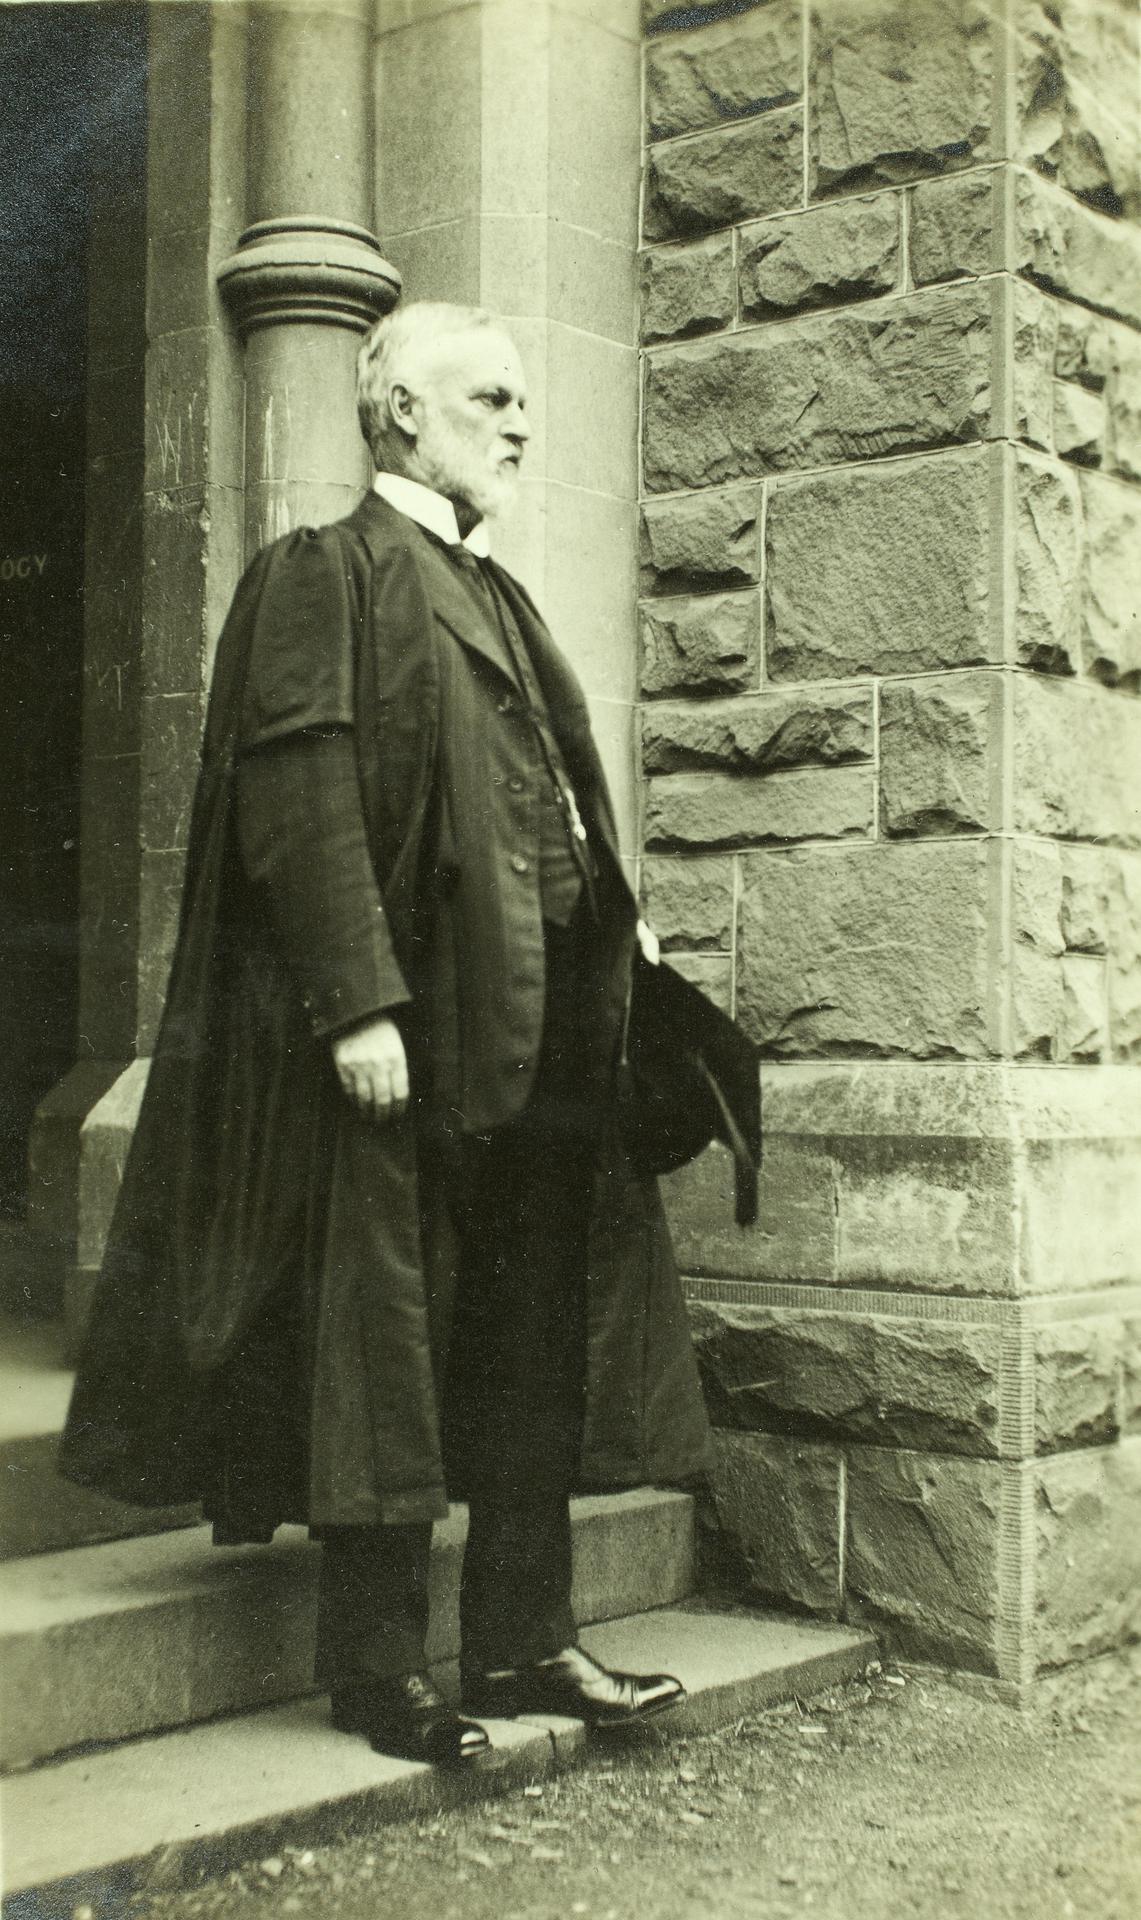 Professor Sir Harry Brookes Allen, 1914